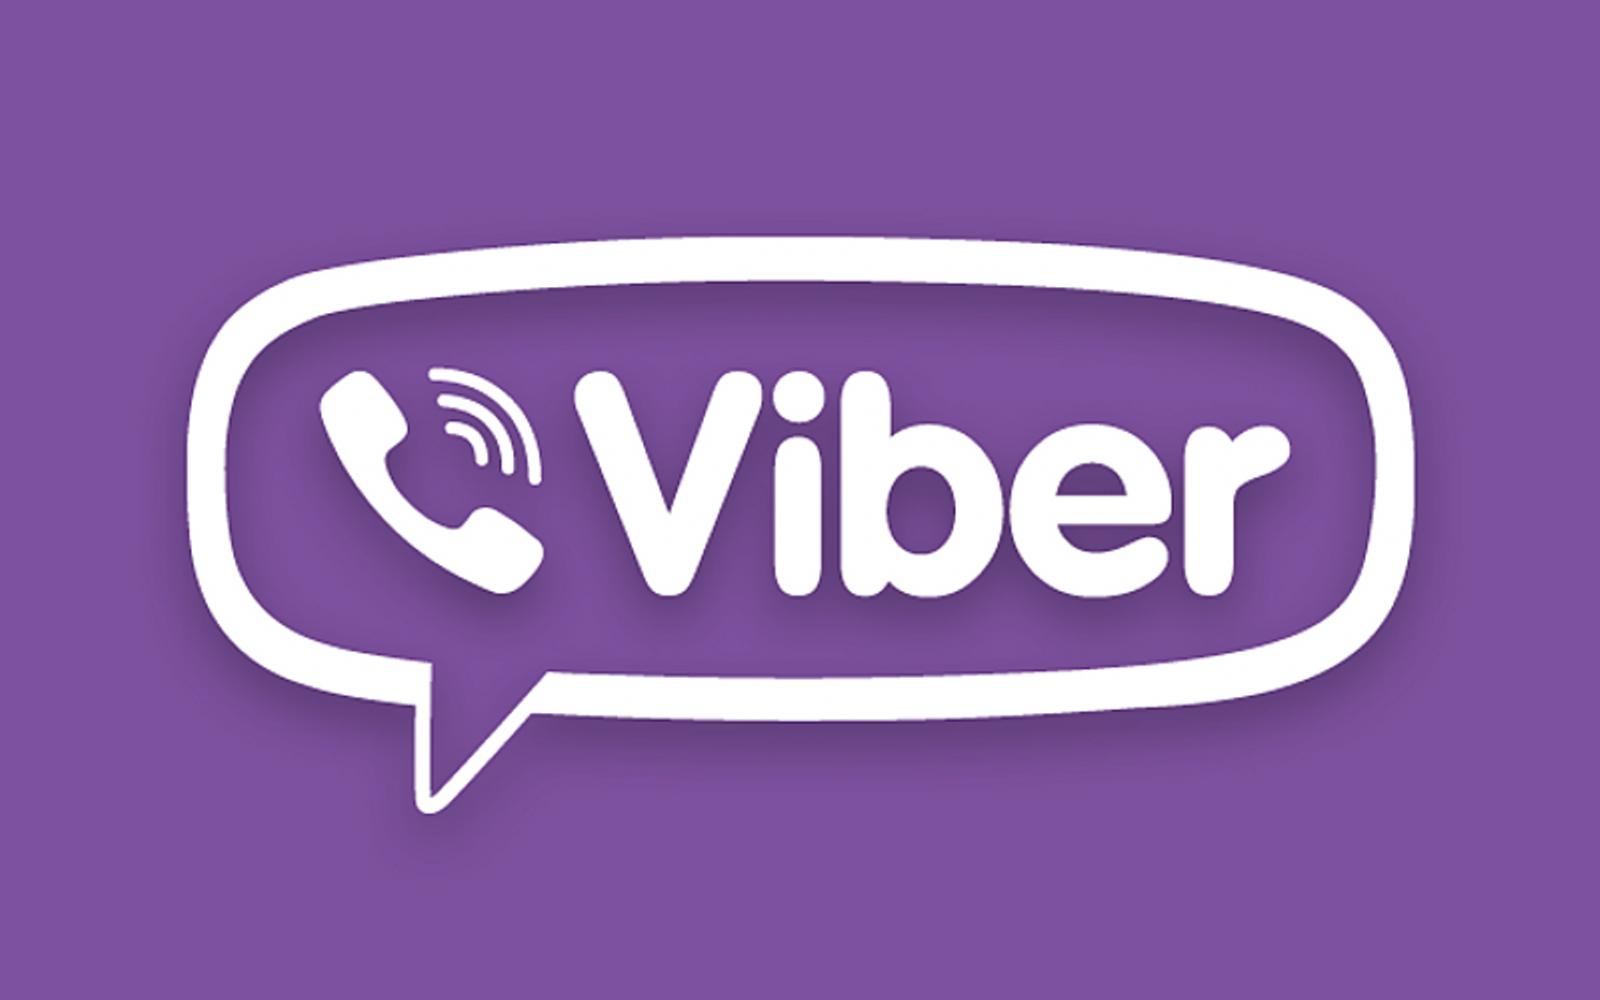 تحميل برنامج فايبر للكمبيوتر و الأندرويد مجانا كامل 2015 Download Viber